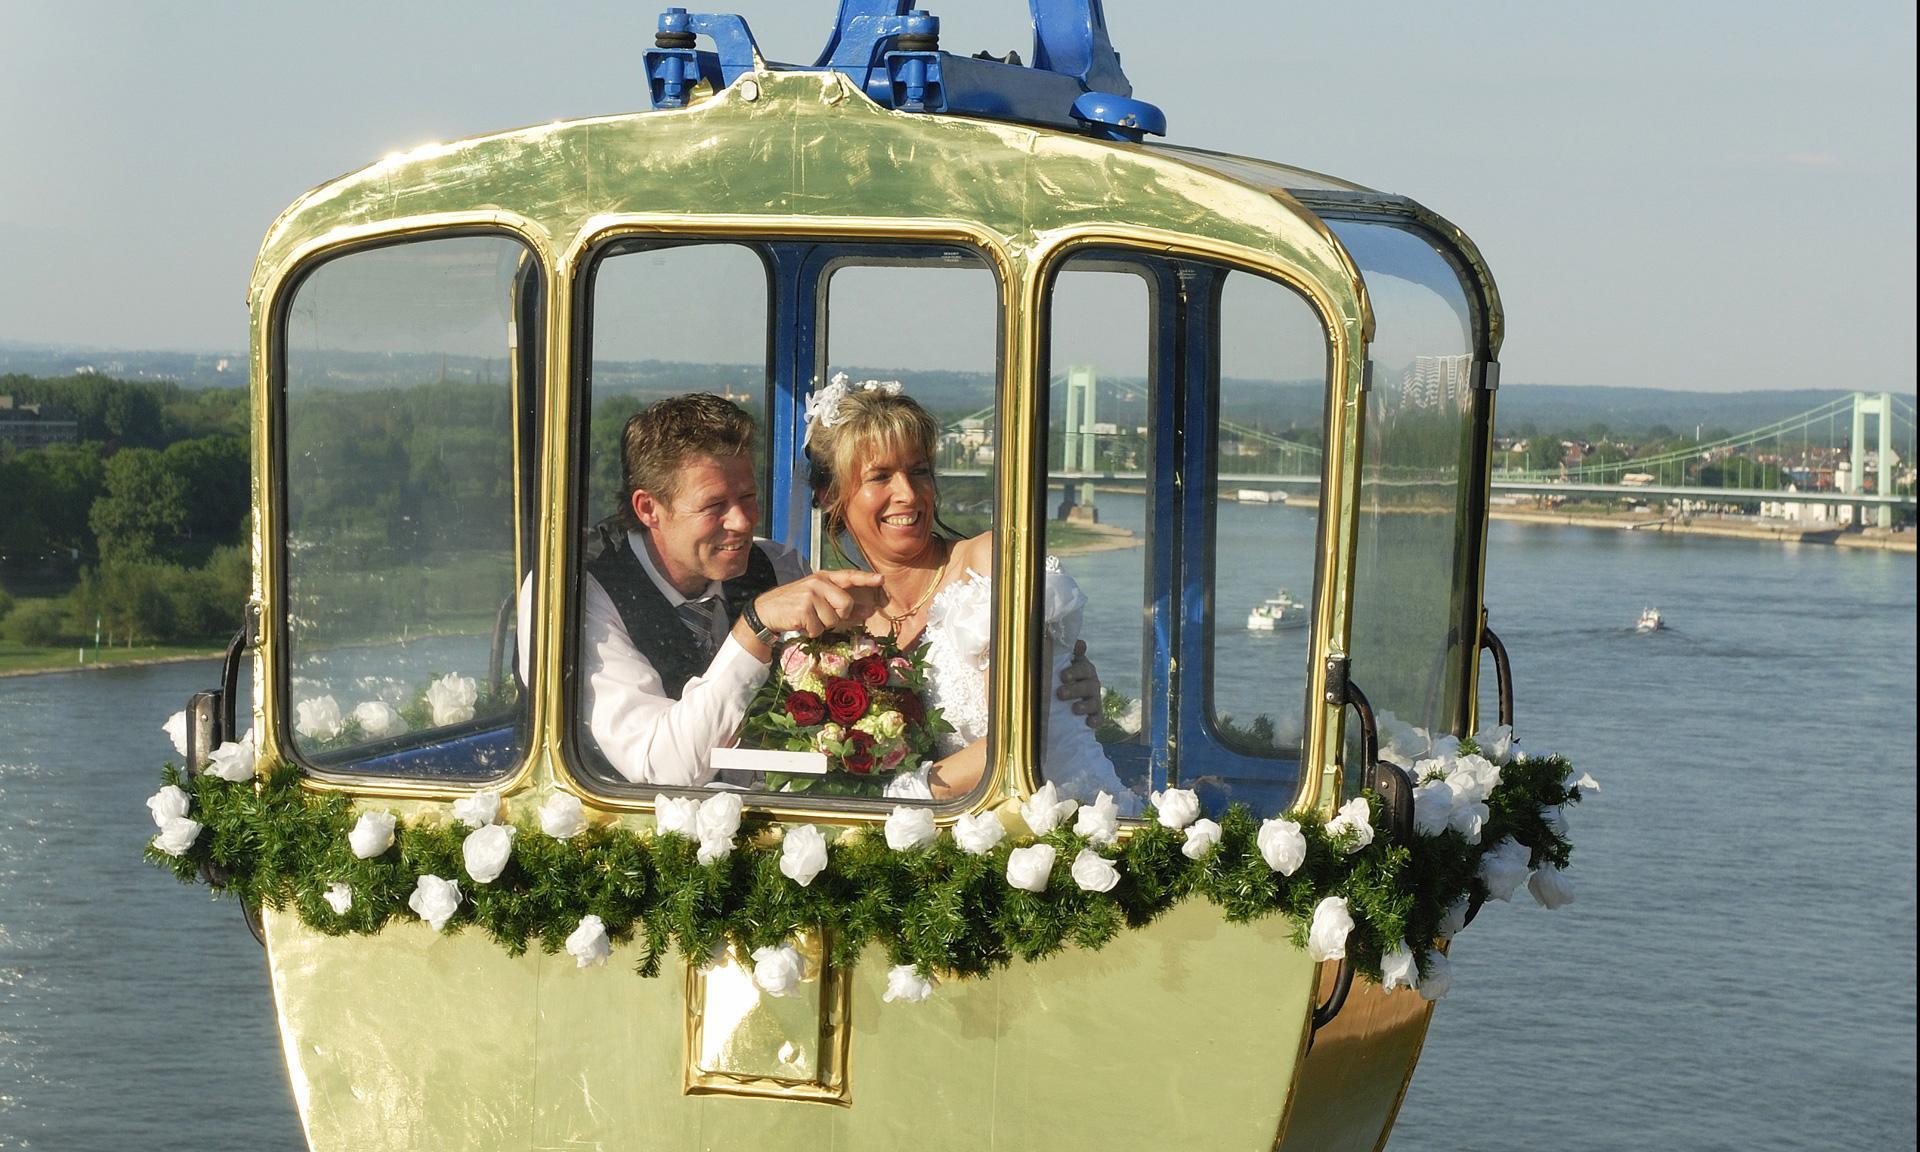 Besondere Location Köln - Alles für die perfekte Hochzeit